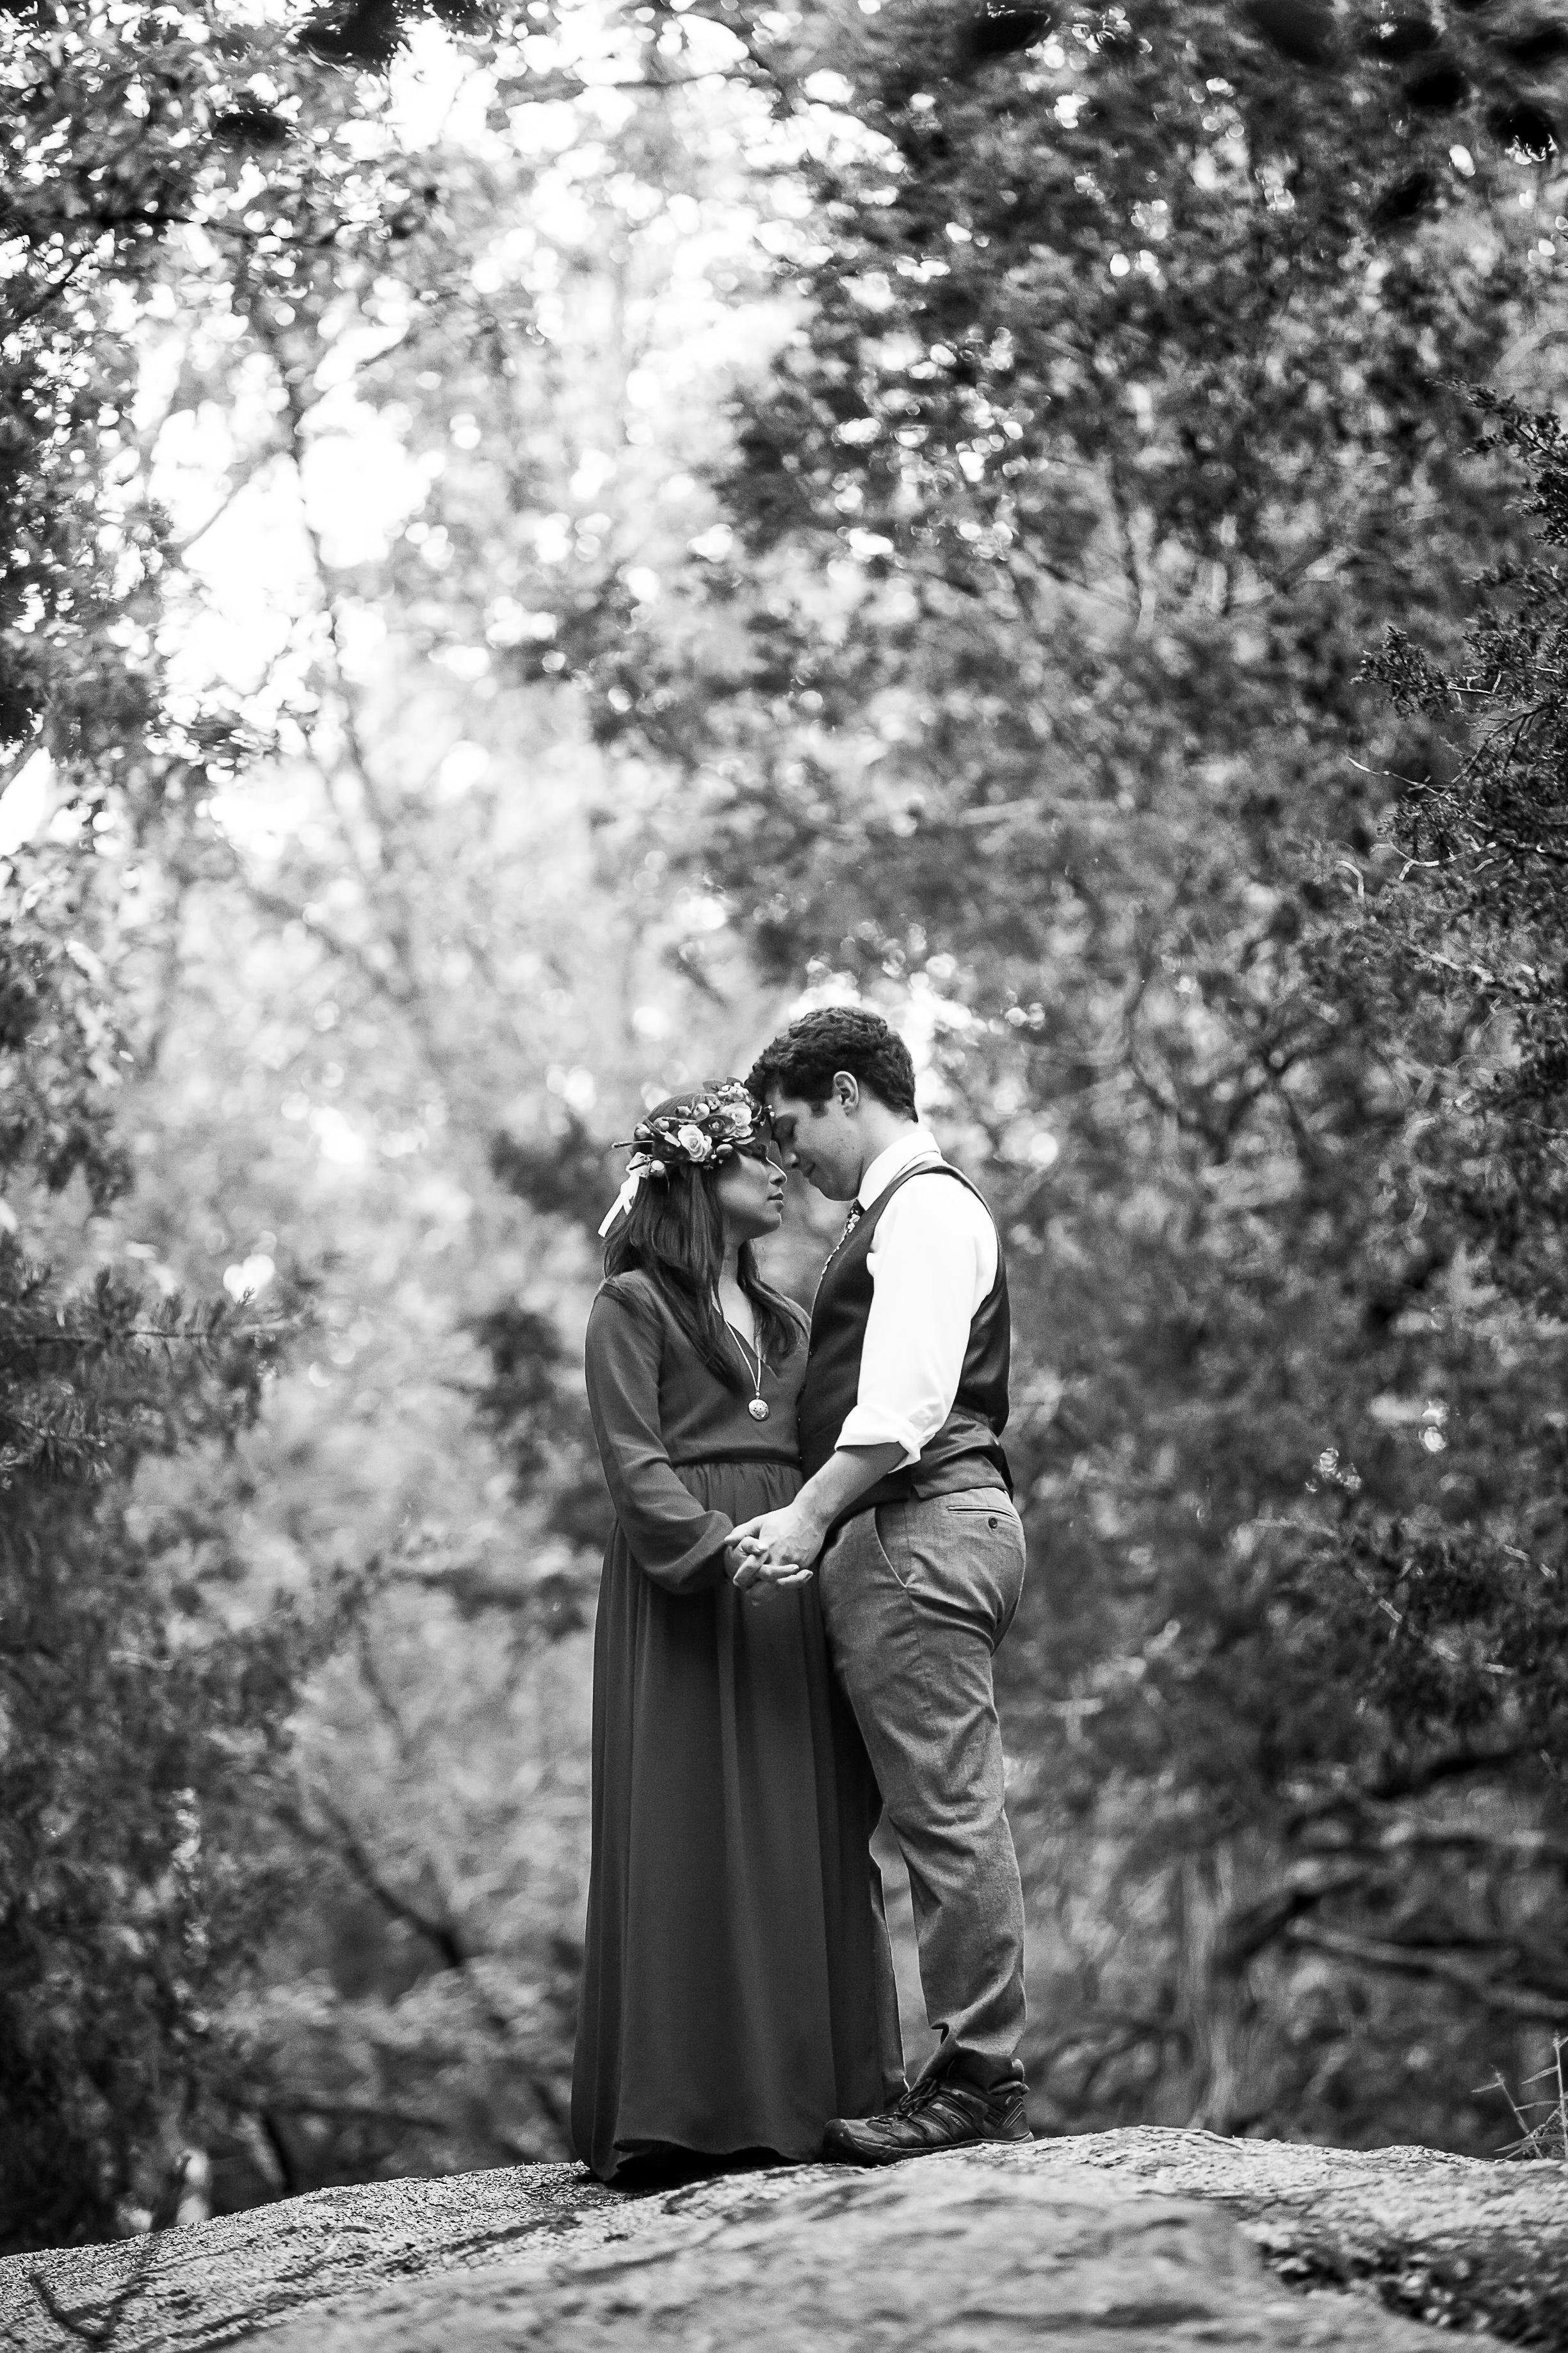 Mai-Dan-Engagement-Kim-Pham-Clark-Photography-214.jpg